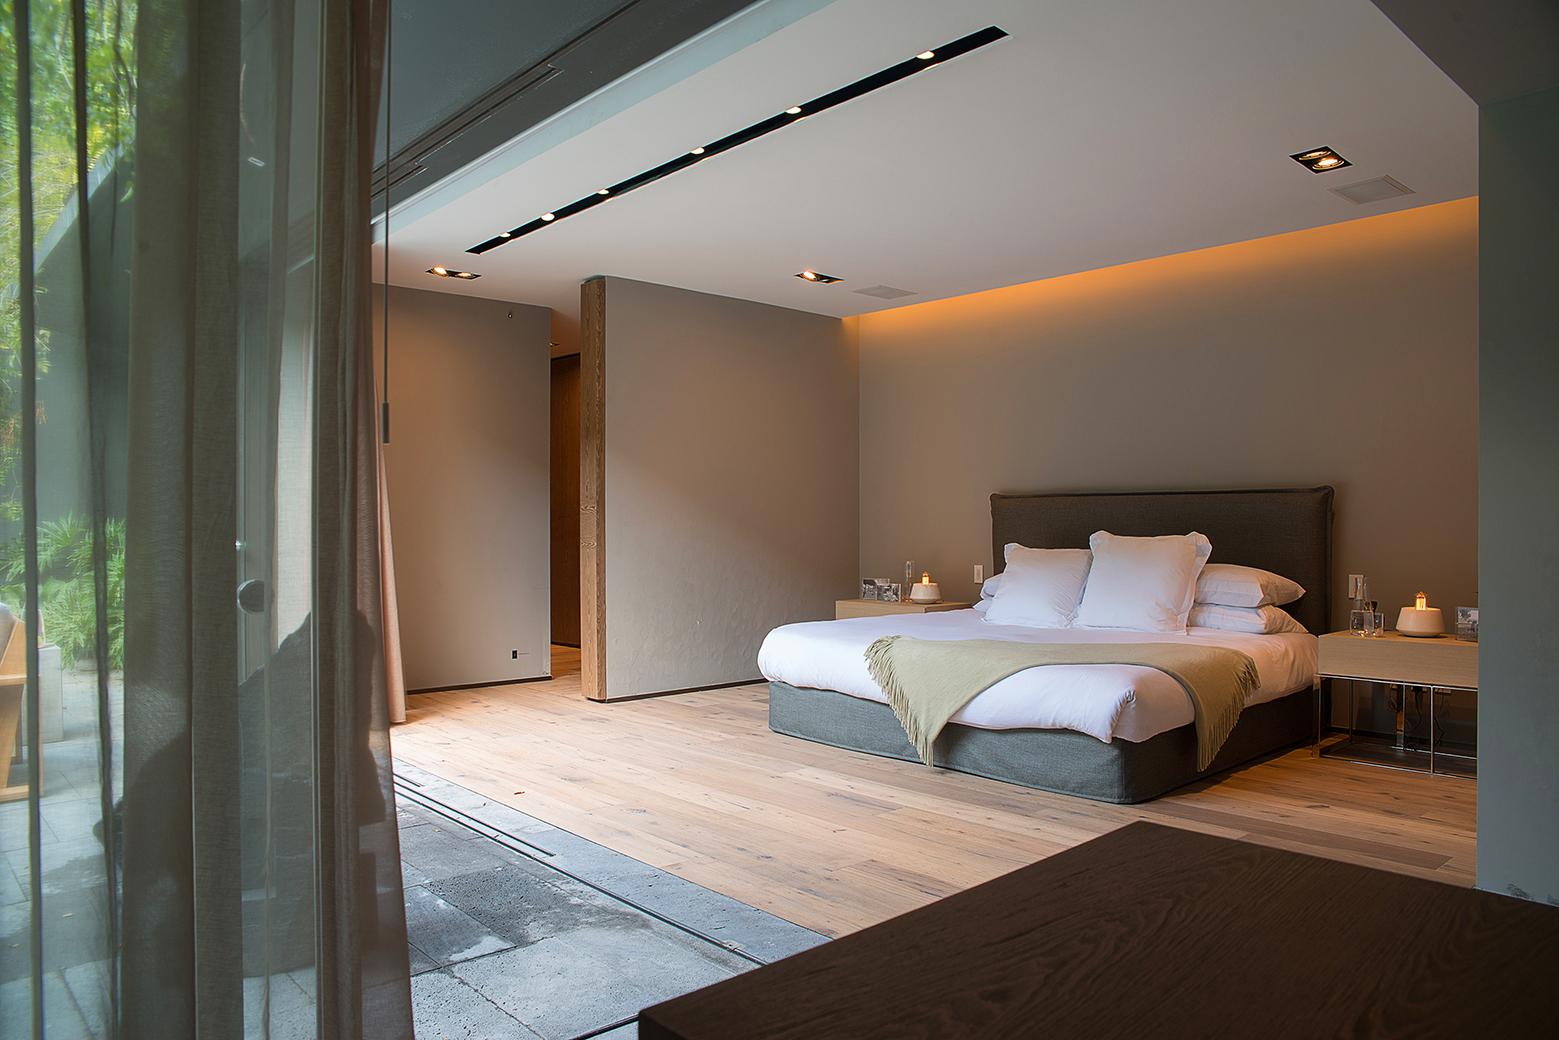 Barrancas-House-In-nowoczesna-willa-rezydencja-projekty-11